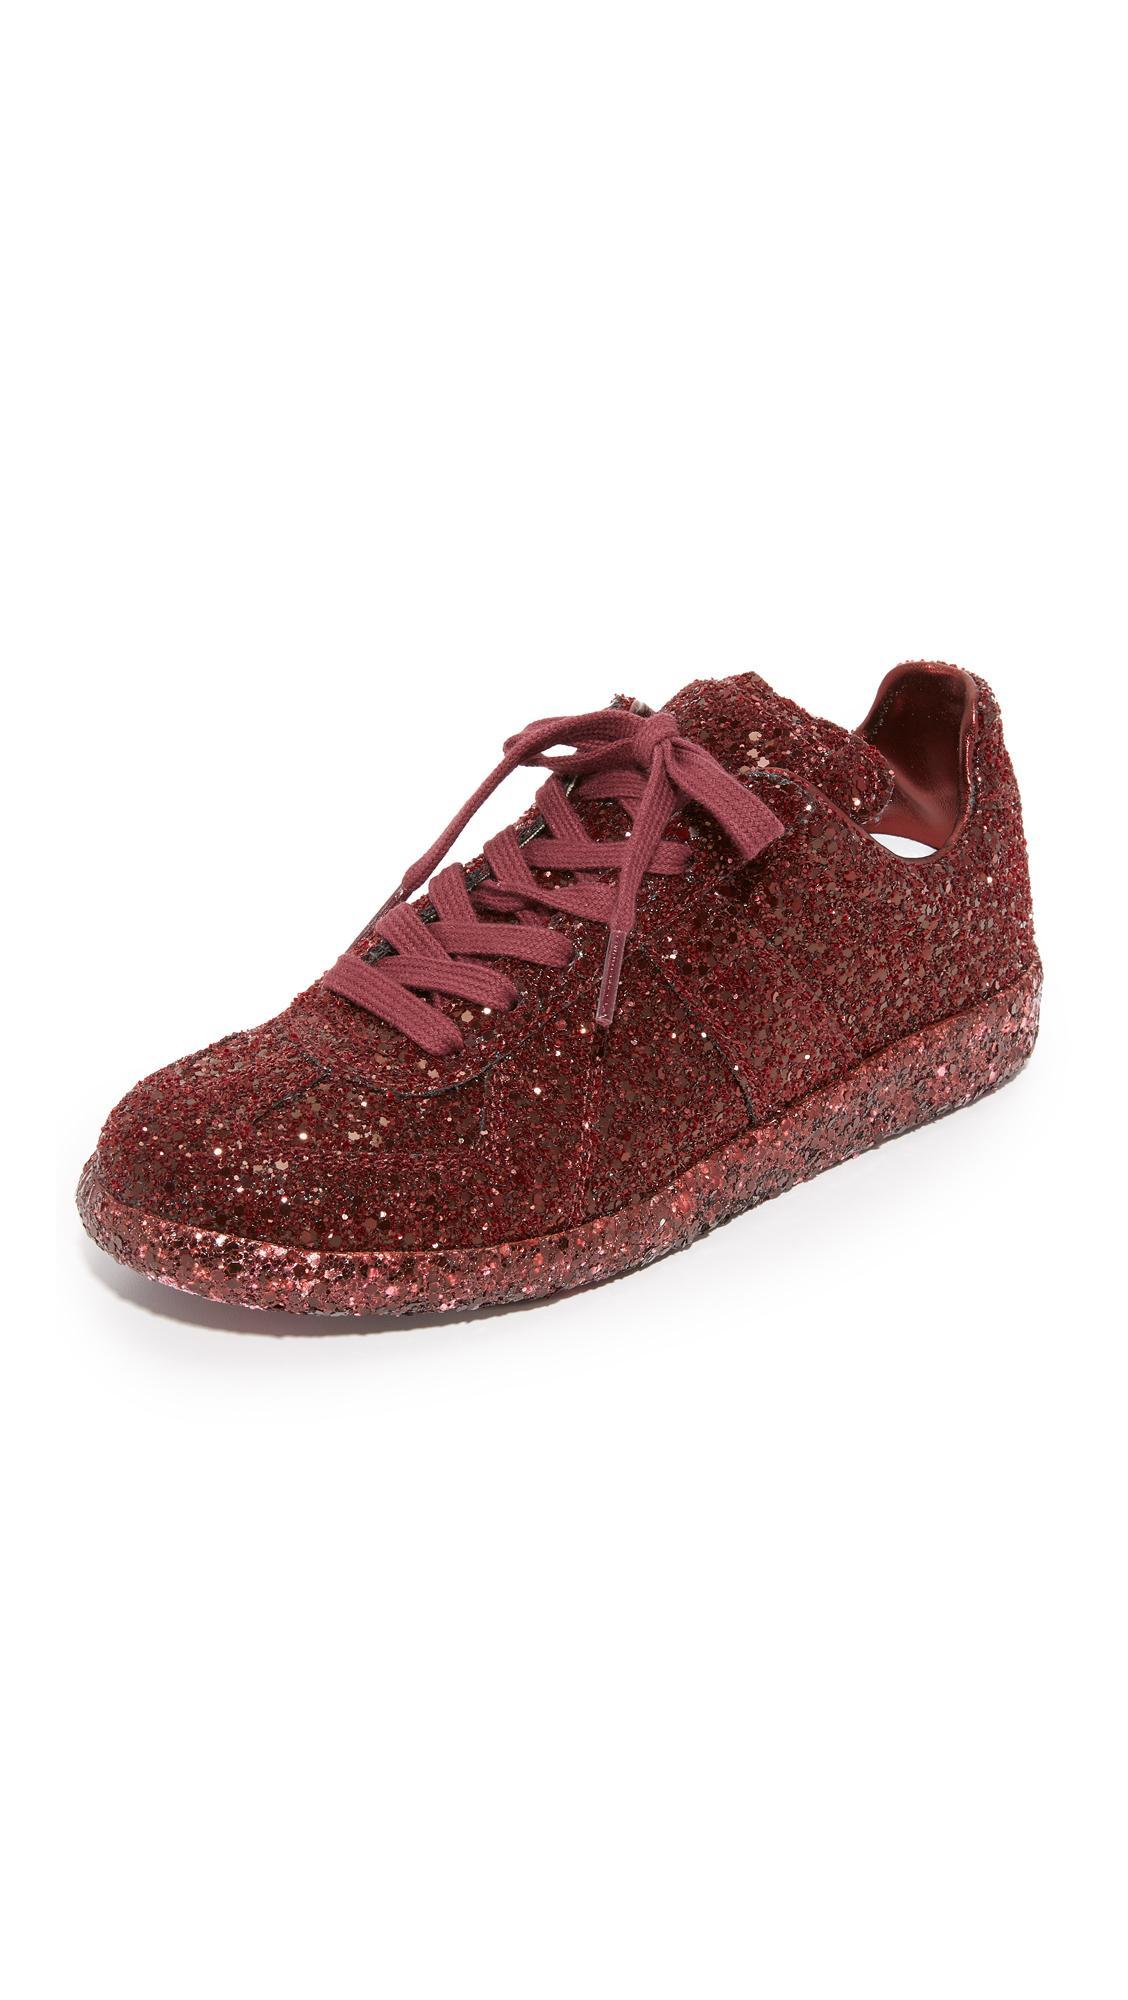 Lyst - Maison Margiela Glitter Sneakers in Red